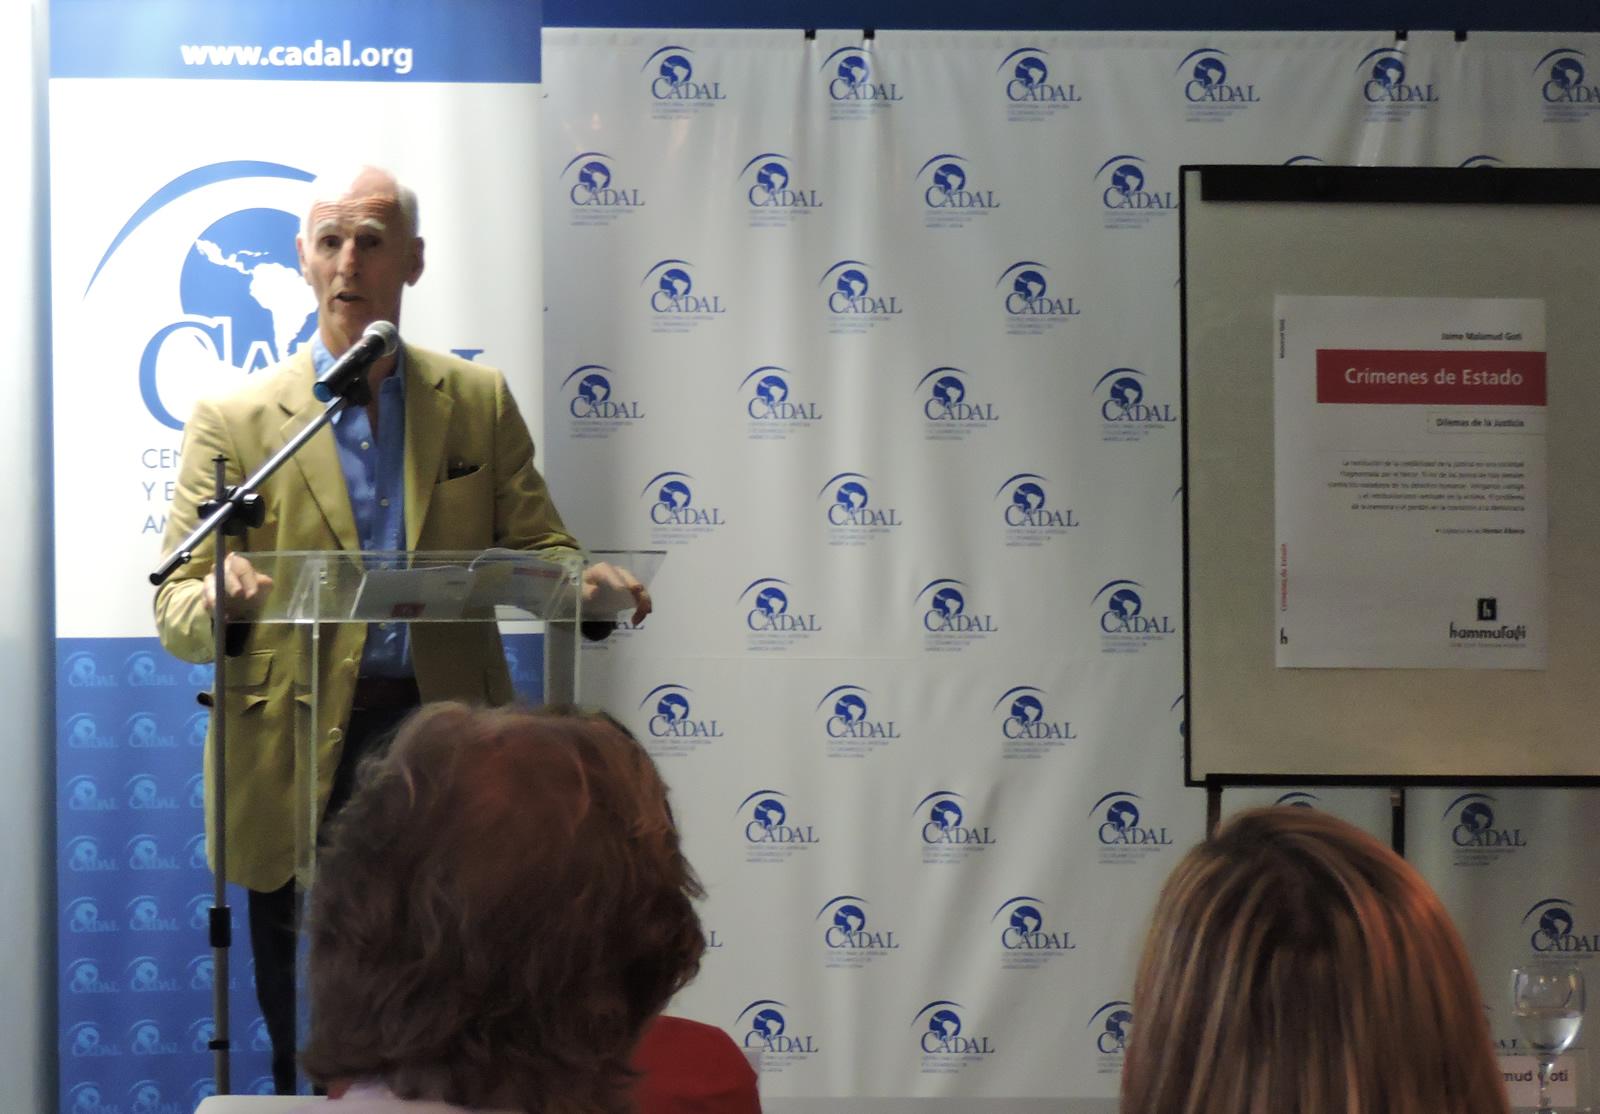 Presentación del libro:Crímenes de Estado, de Jaime Malamud Goiti